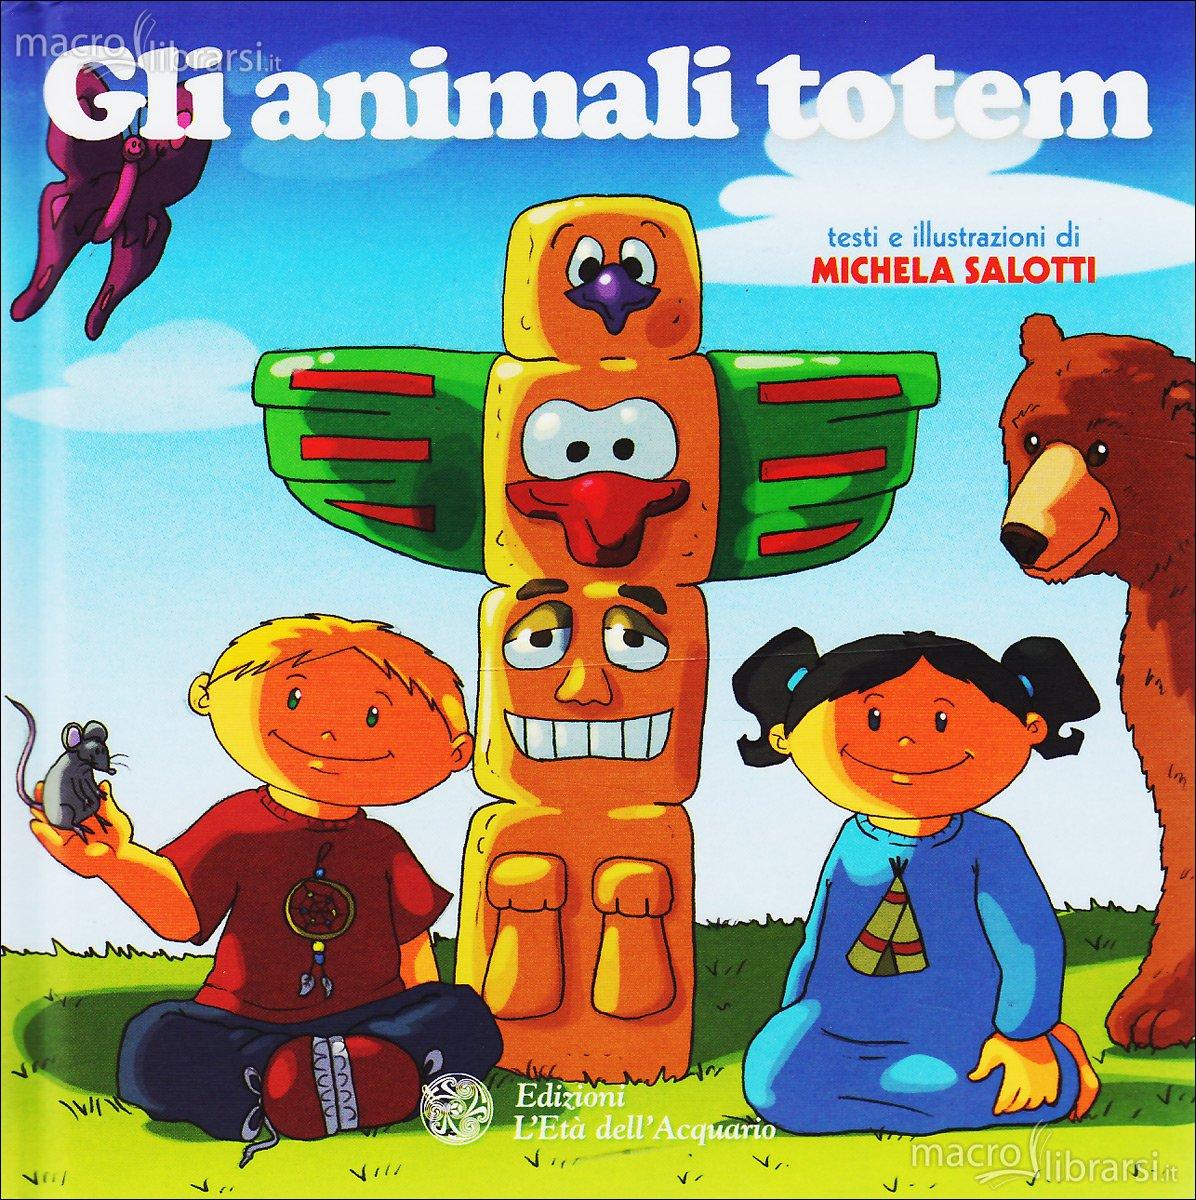 Gli animali totem - Michela Salotti (illustrazioni)